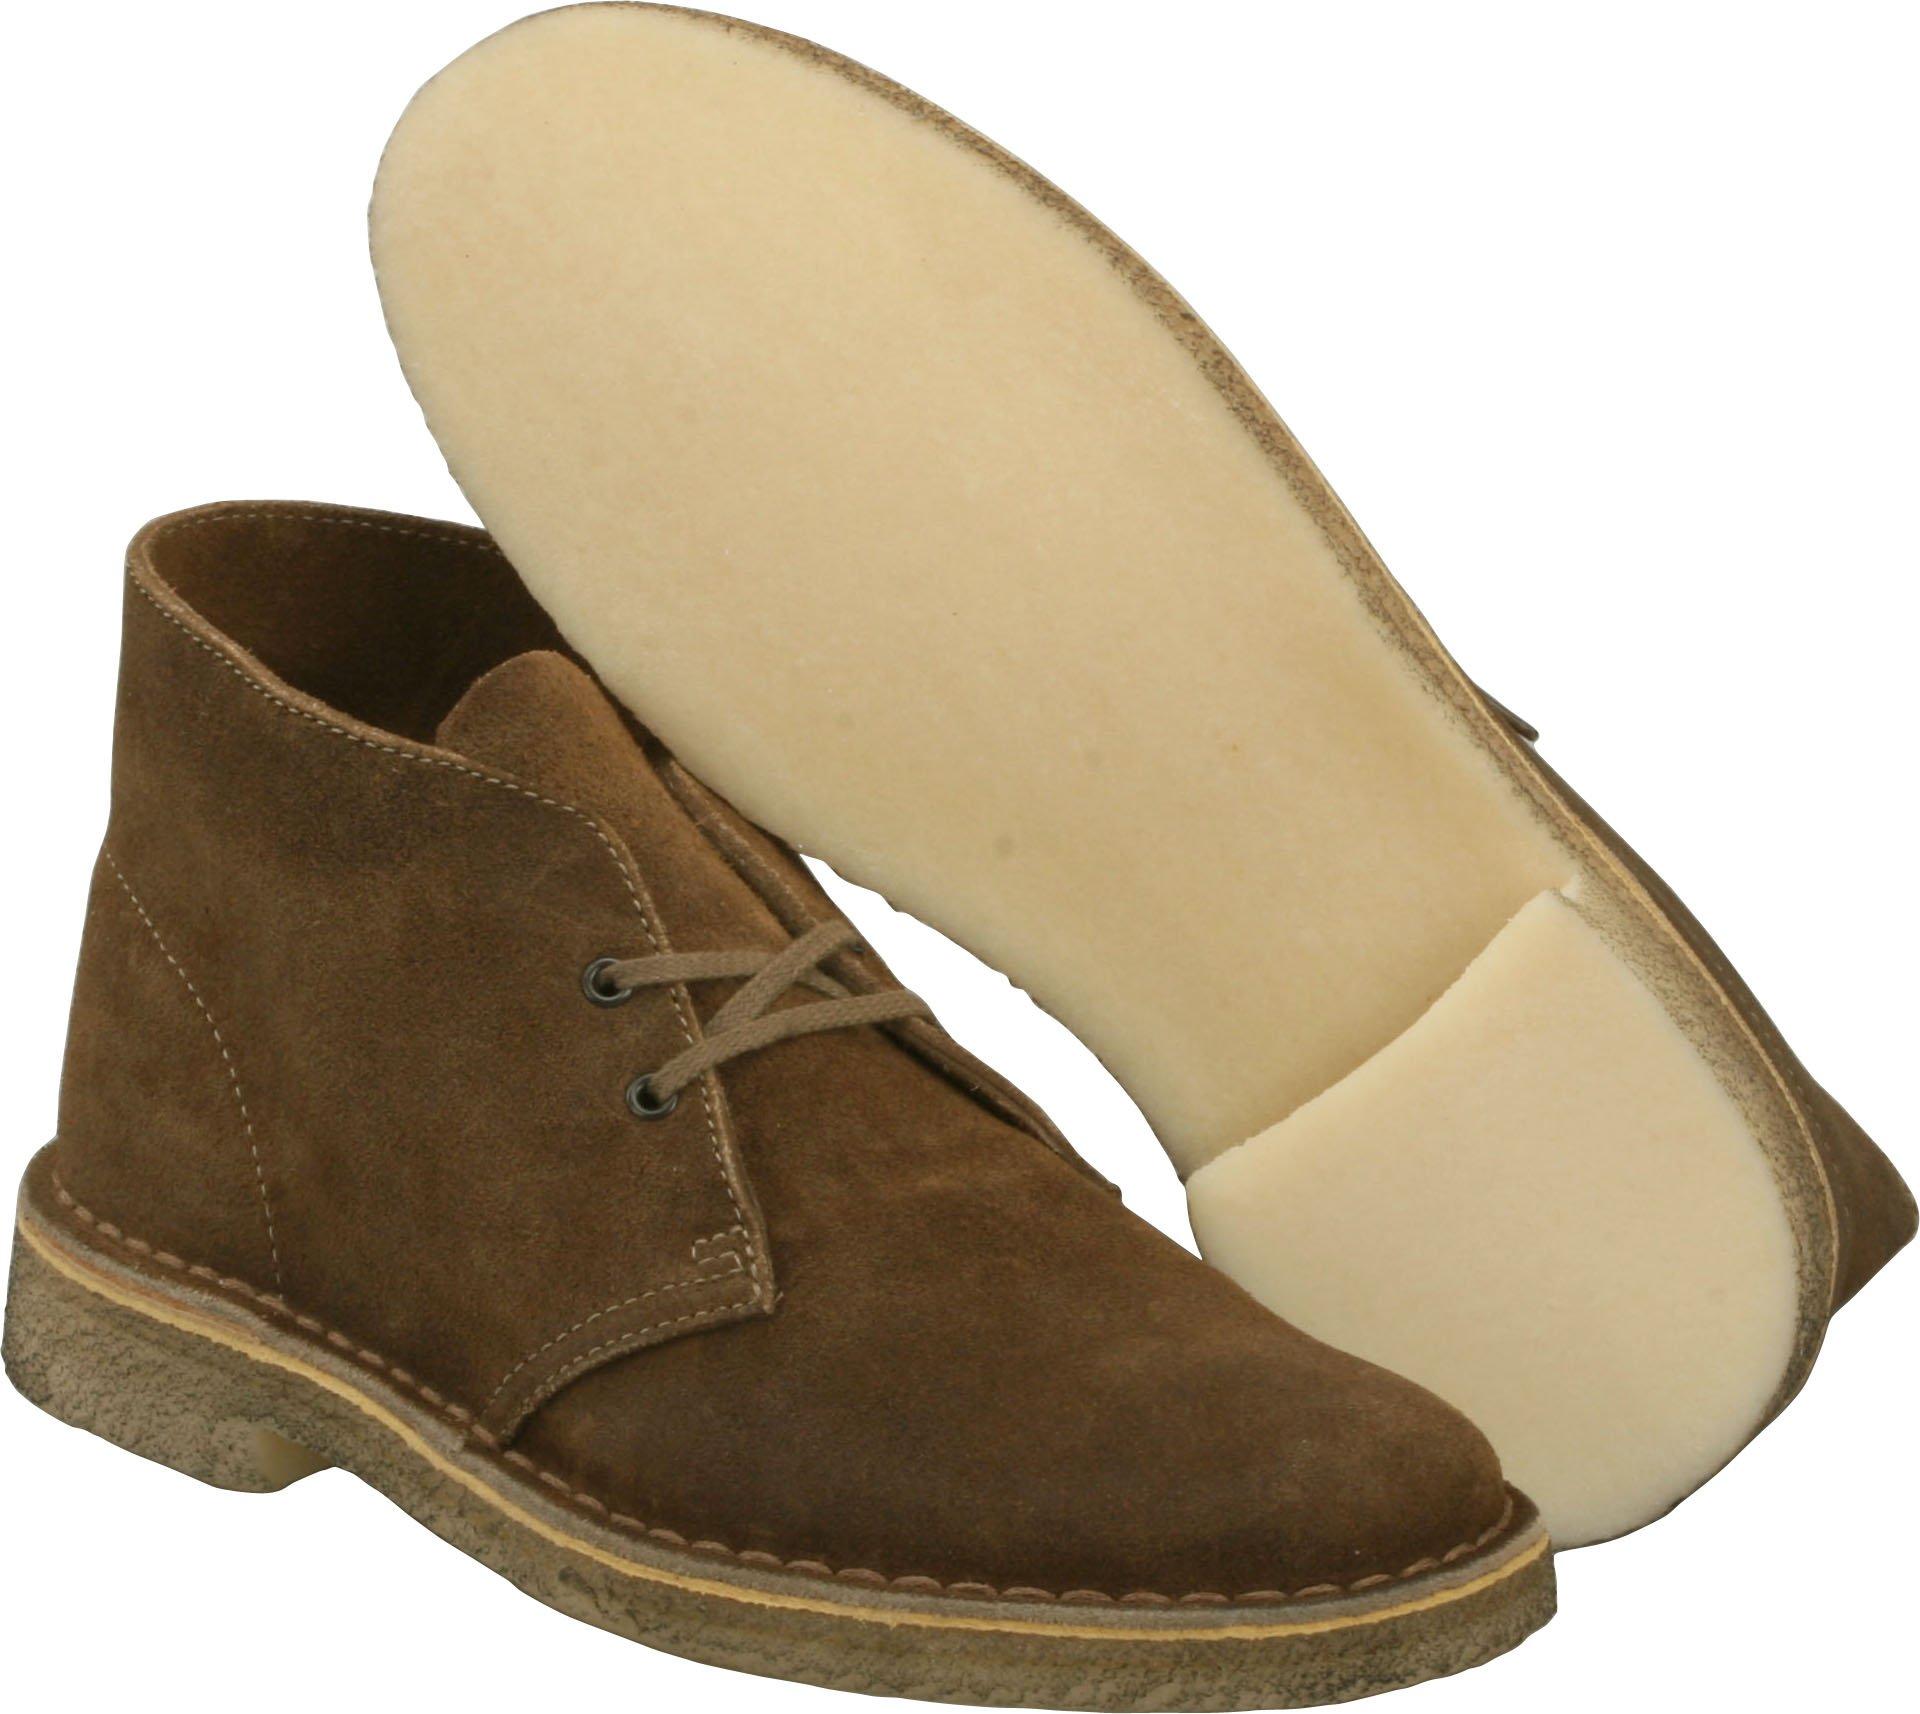 Clarks Originals Men's Desert Boot,Taupe Suede,7 M US